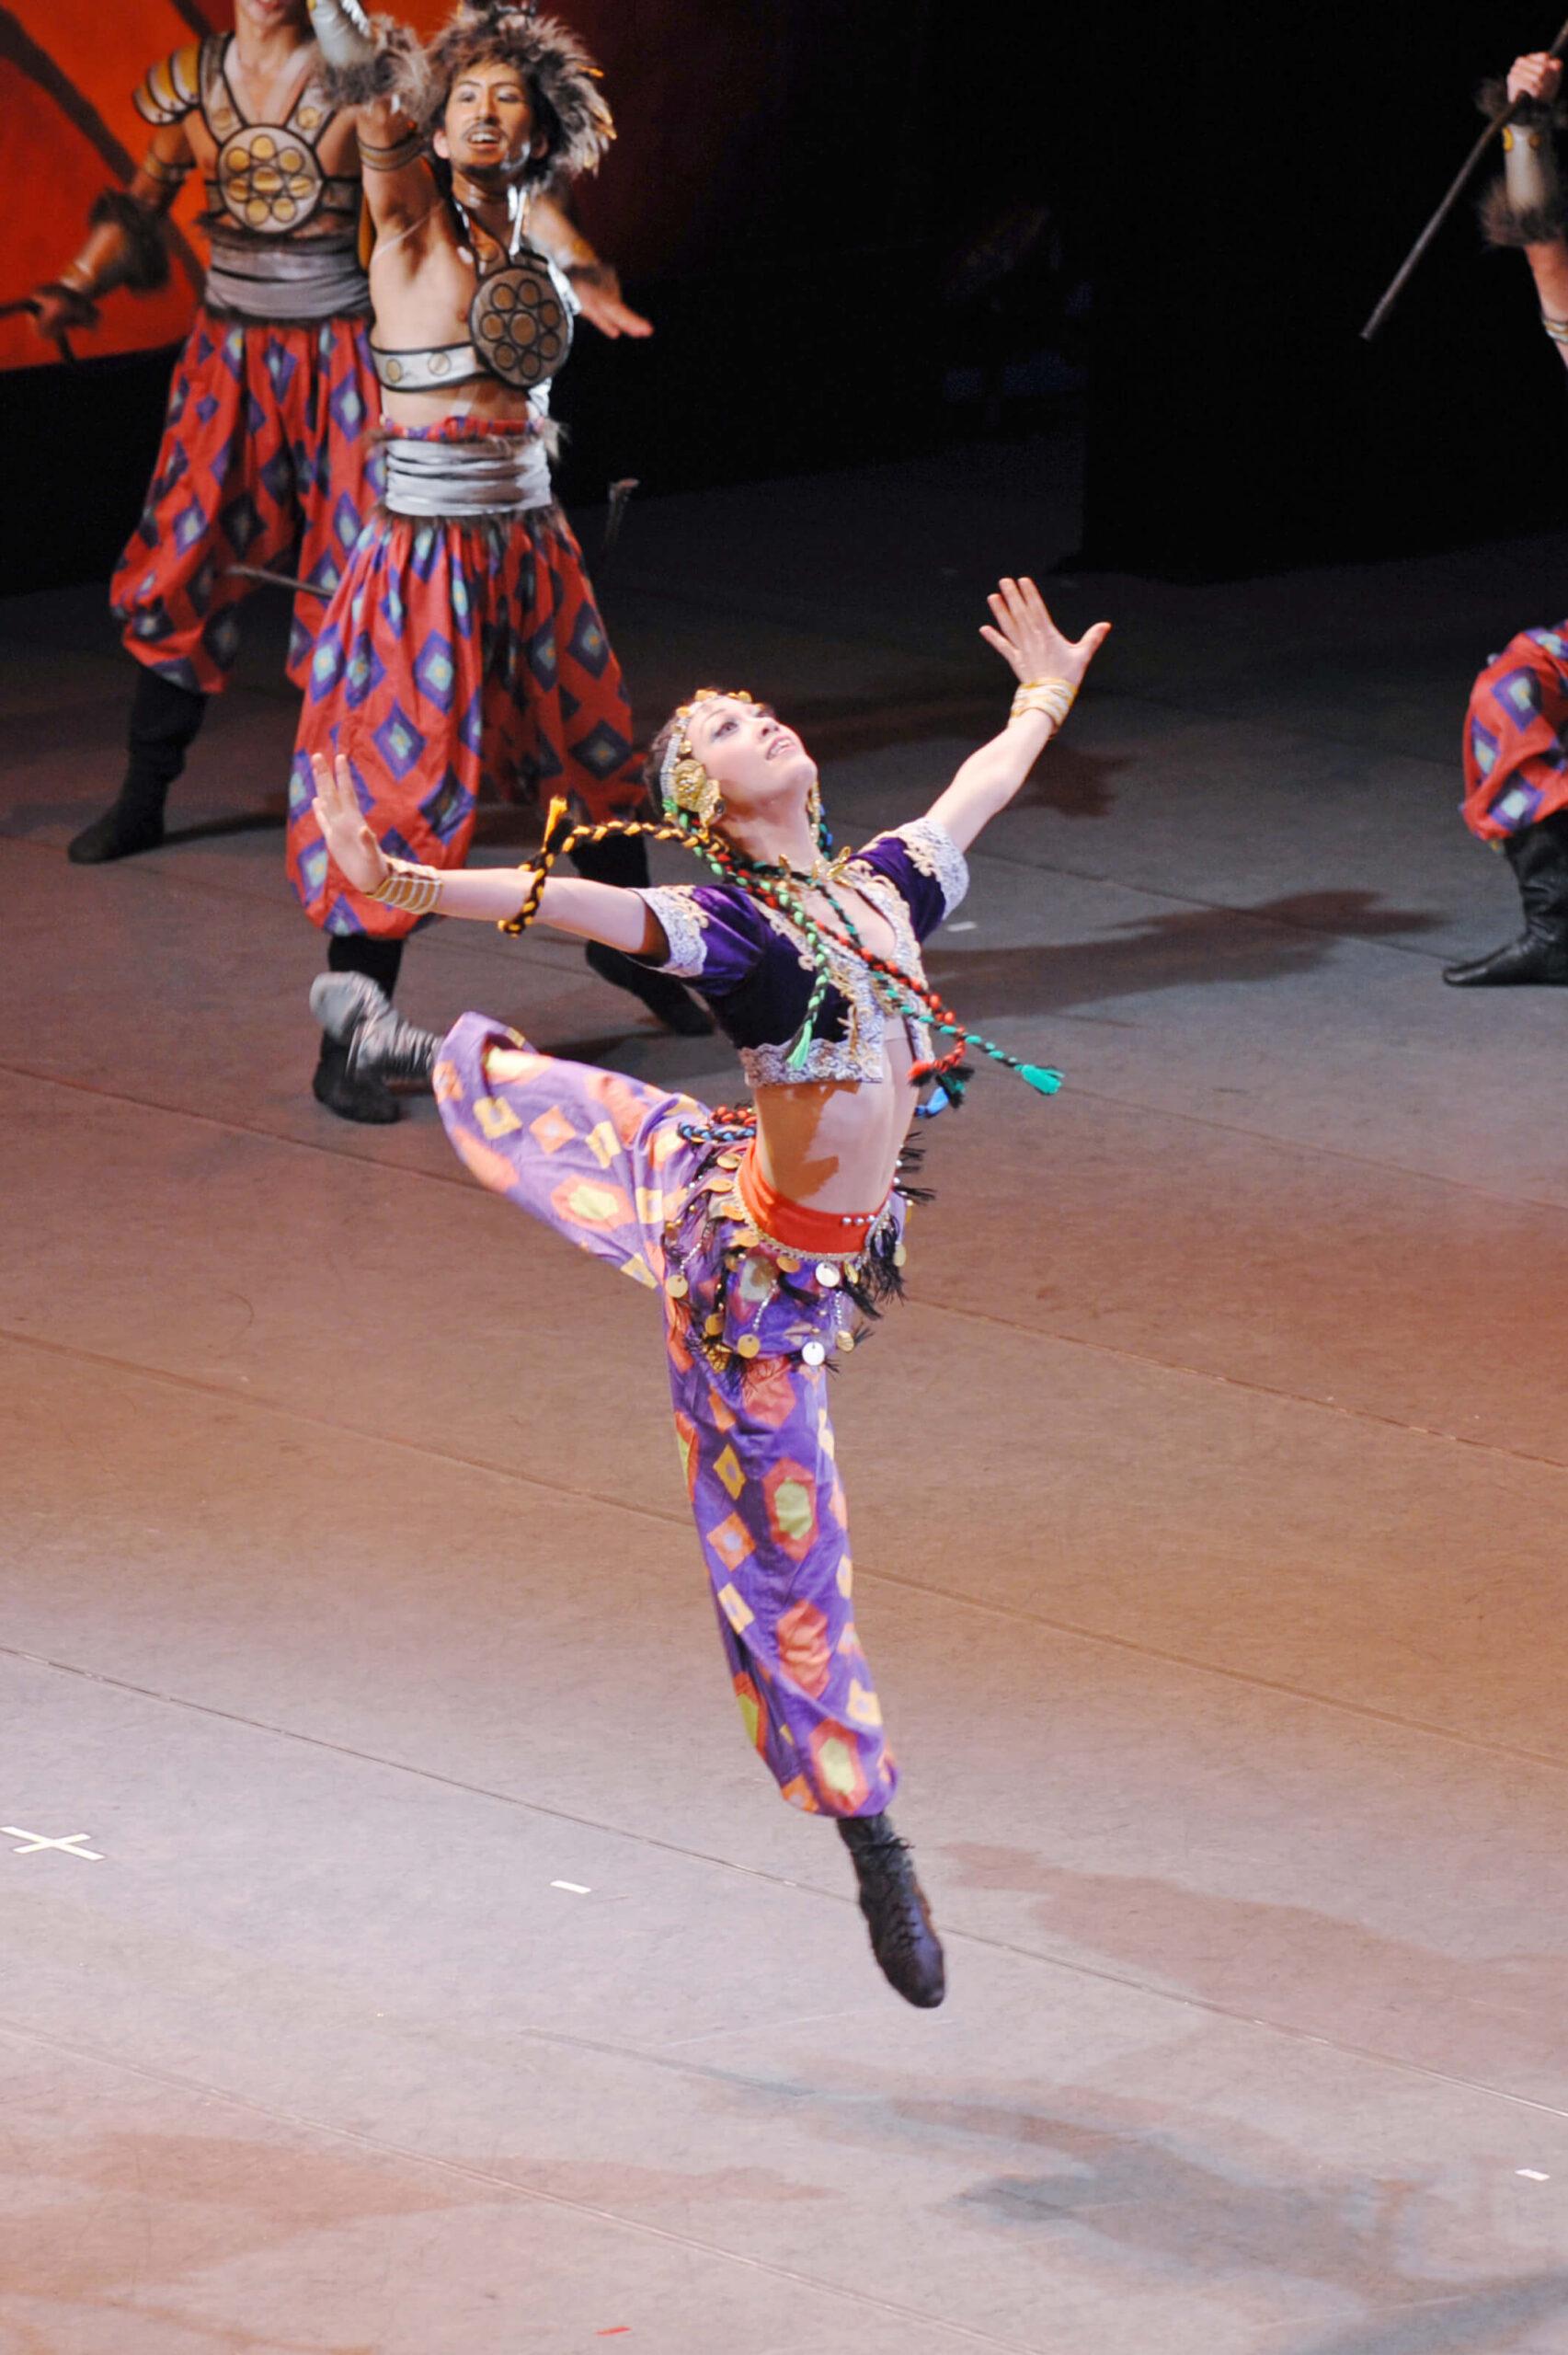 ポロヴェッツ人の踊り(セルゲイ・ヴィハレフ) 写真2